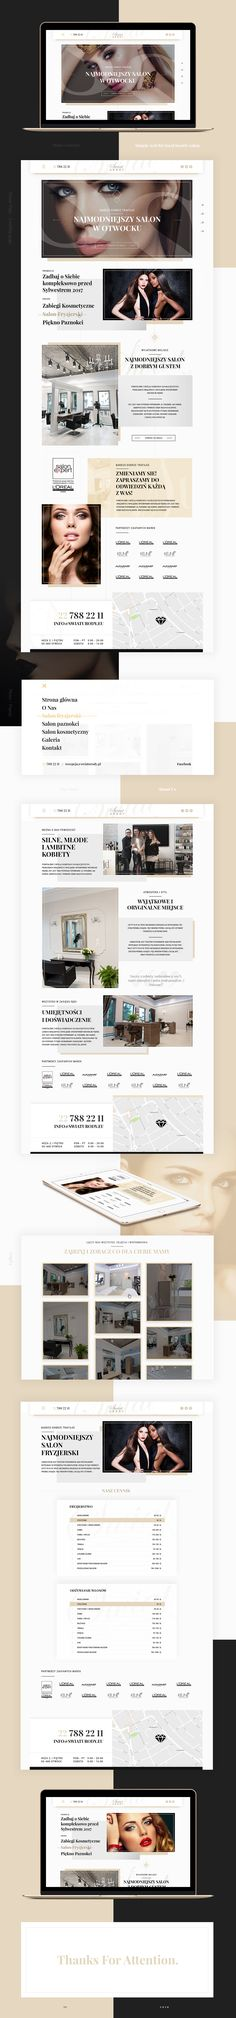 https://www.behance.net/gallery/47135475/Swiat-Urody-Beauty-Salon